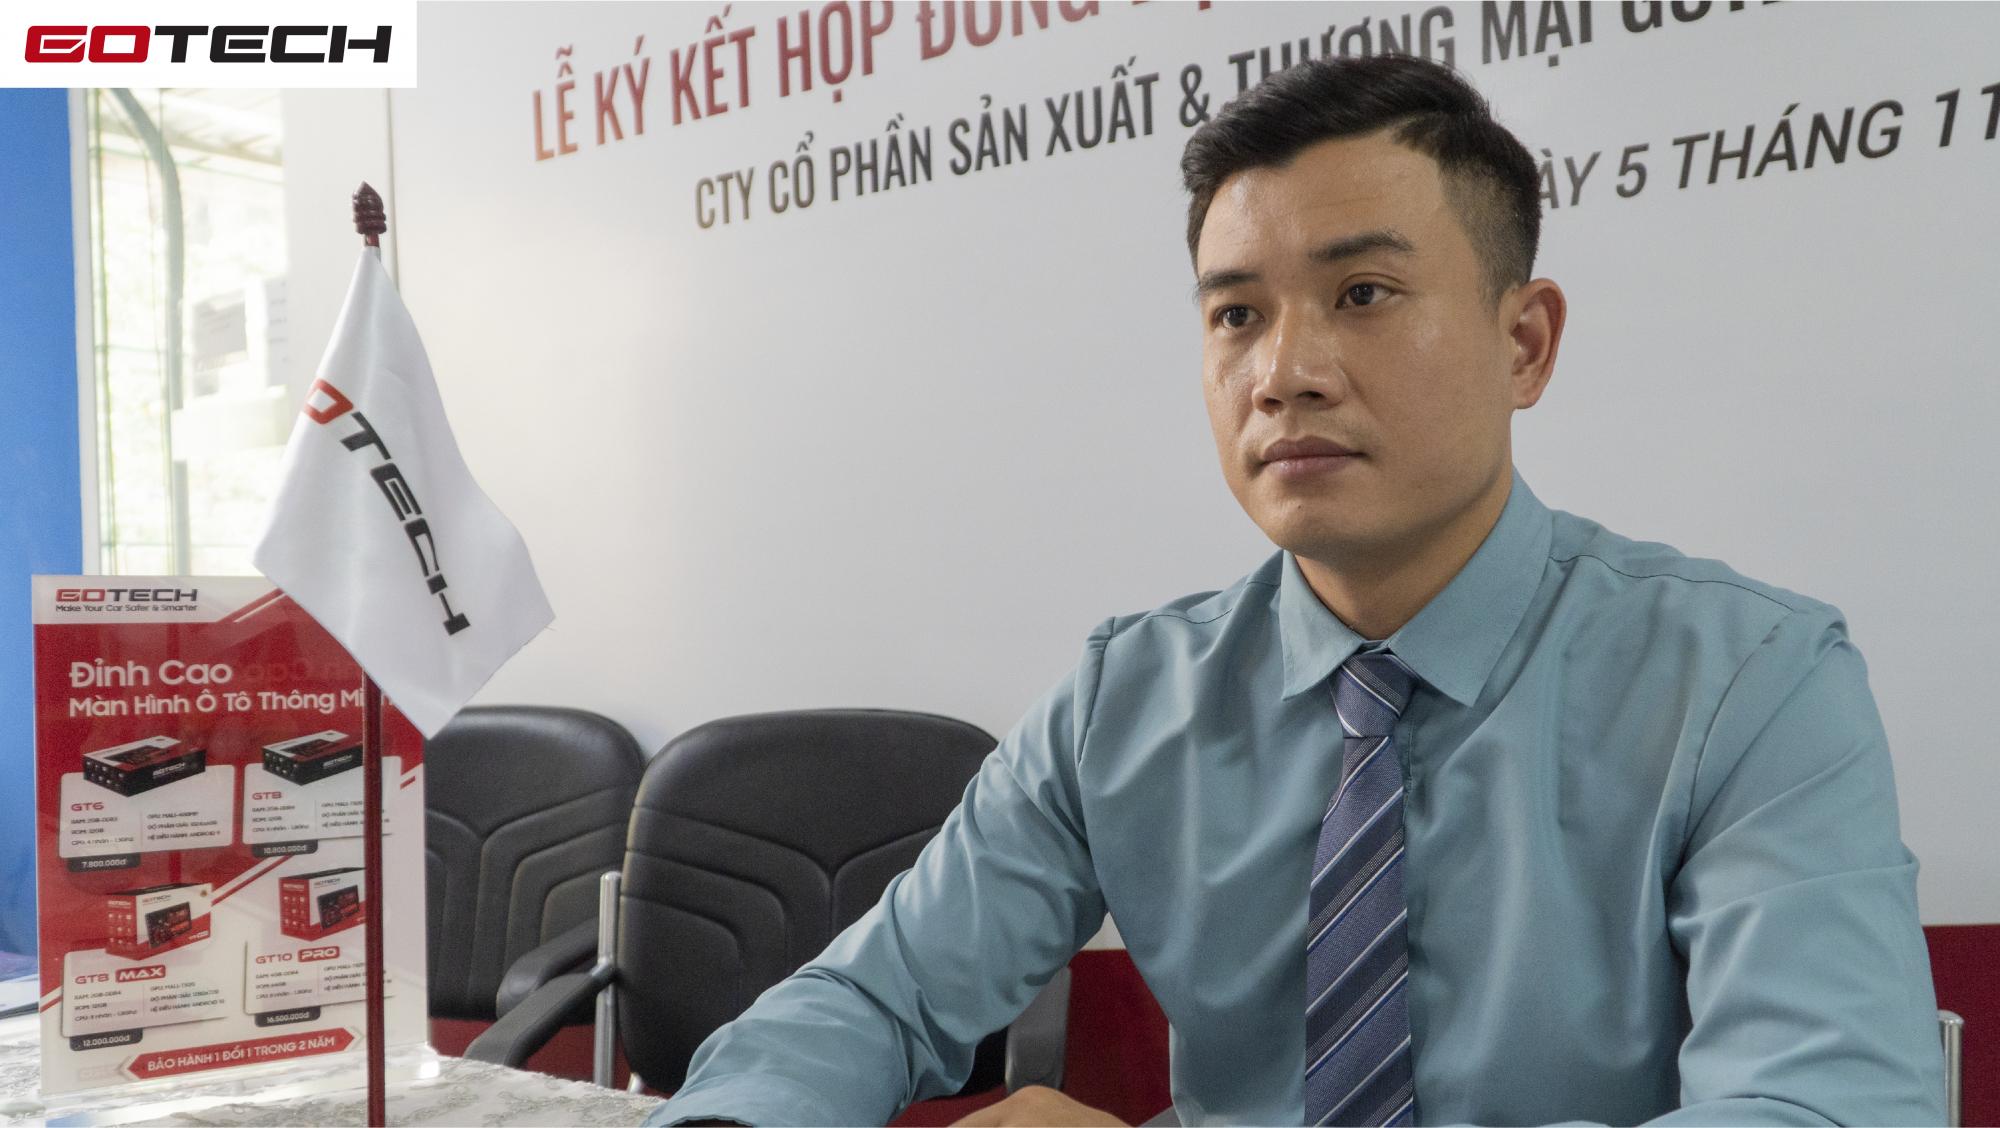 Ông Nguyễn Hải Lộc - đại diện GOTECH nhấn mạnh sẽ luôn hỗ trợ và đồng hành cùng OtoPro trong thời gian tới.